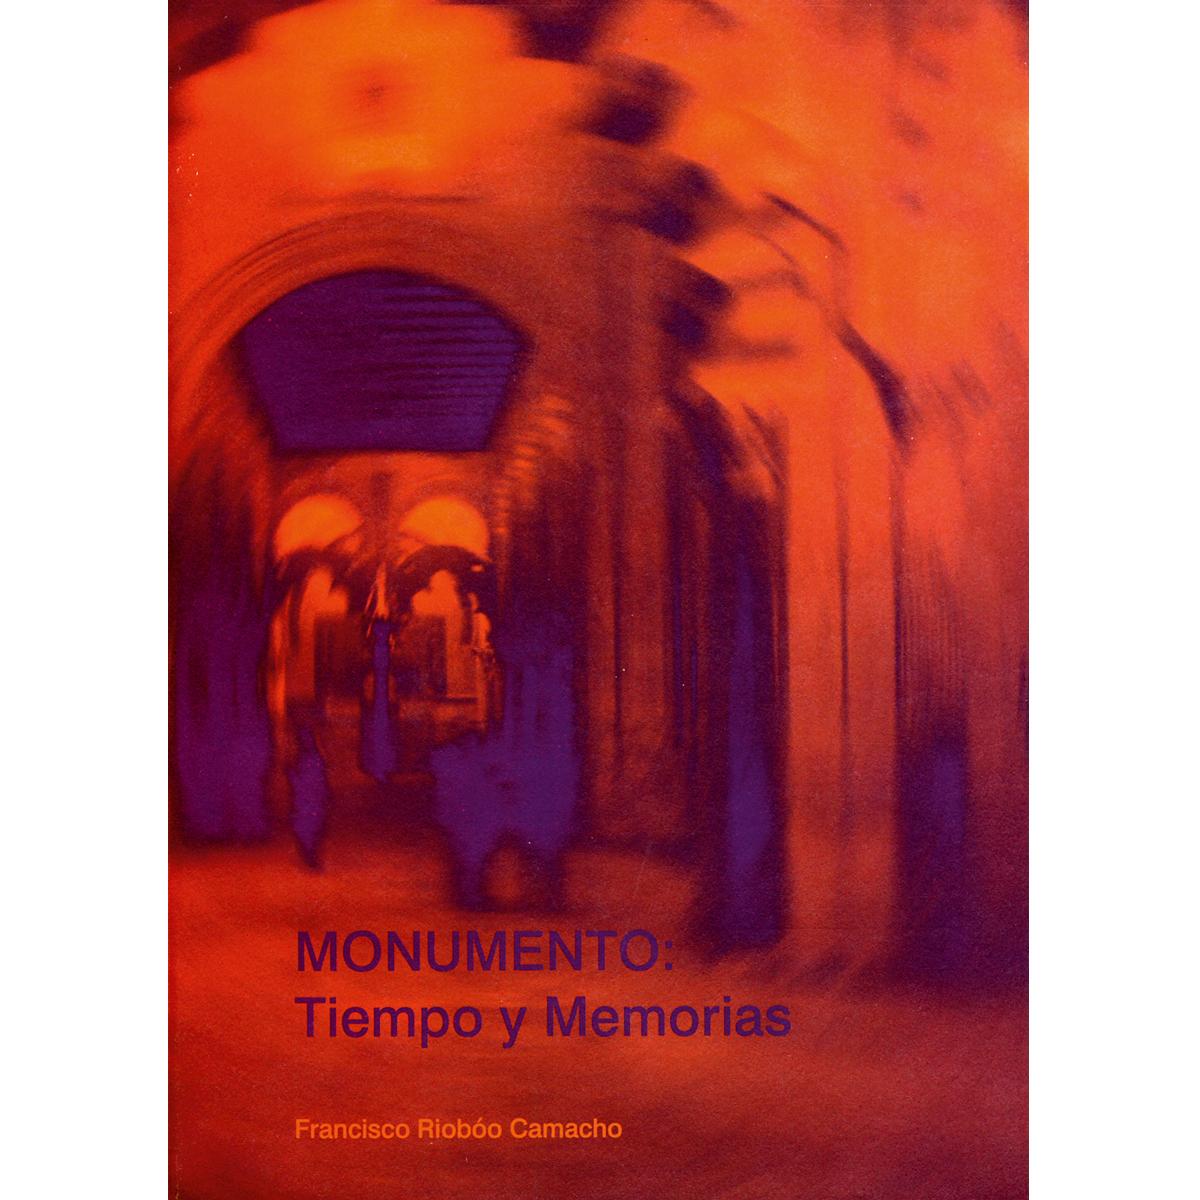 Monumento: tiempo y memorias